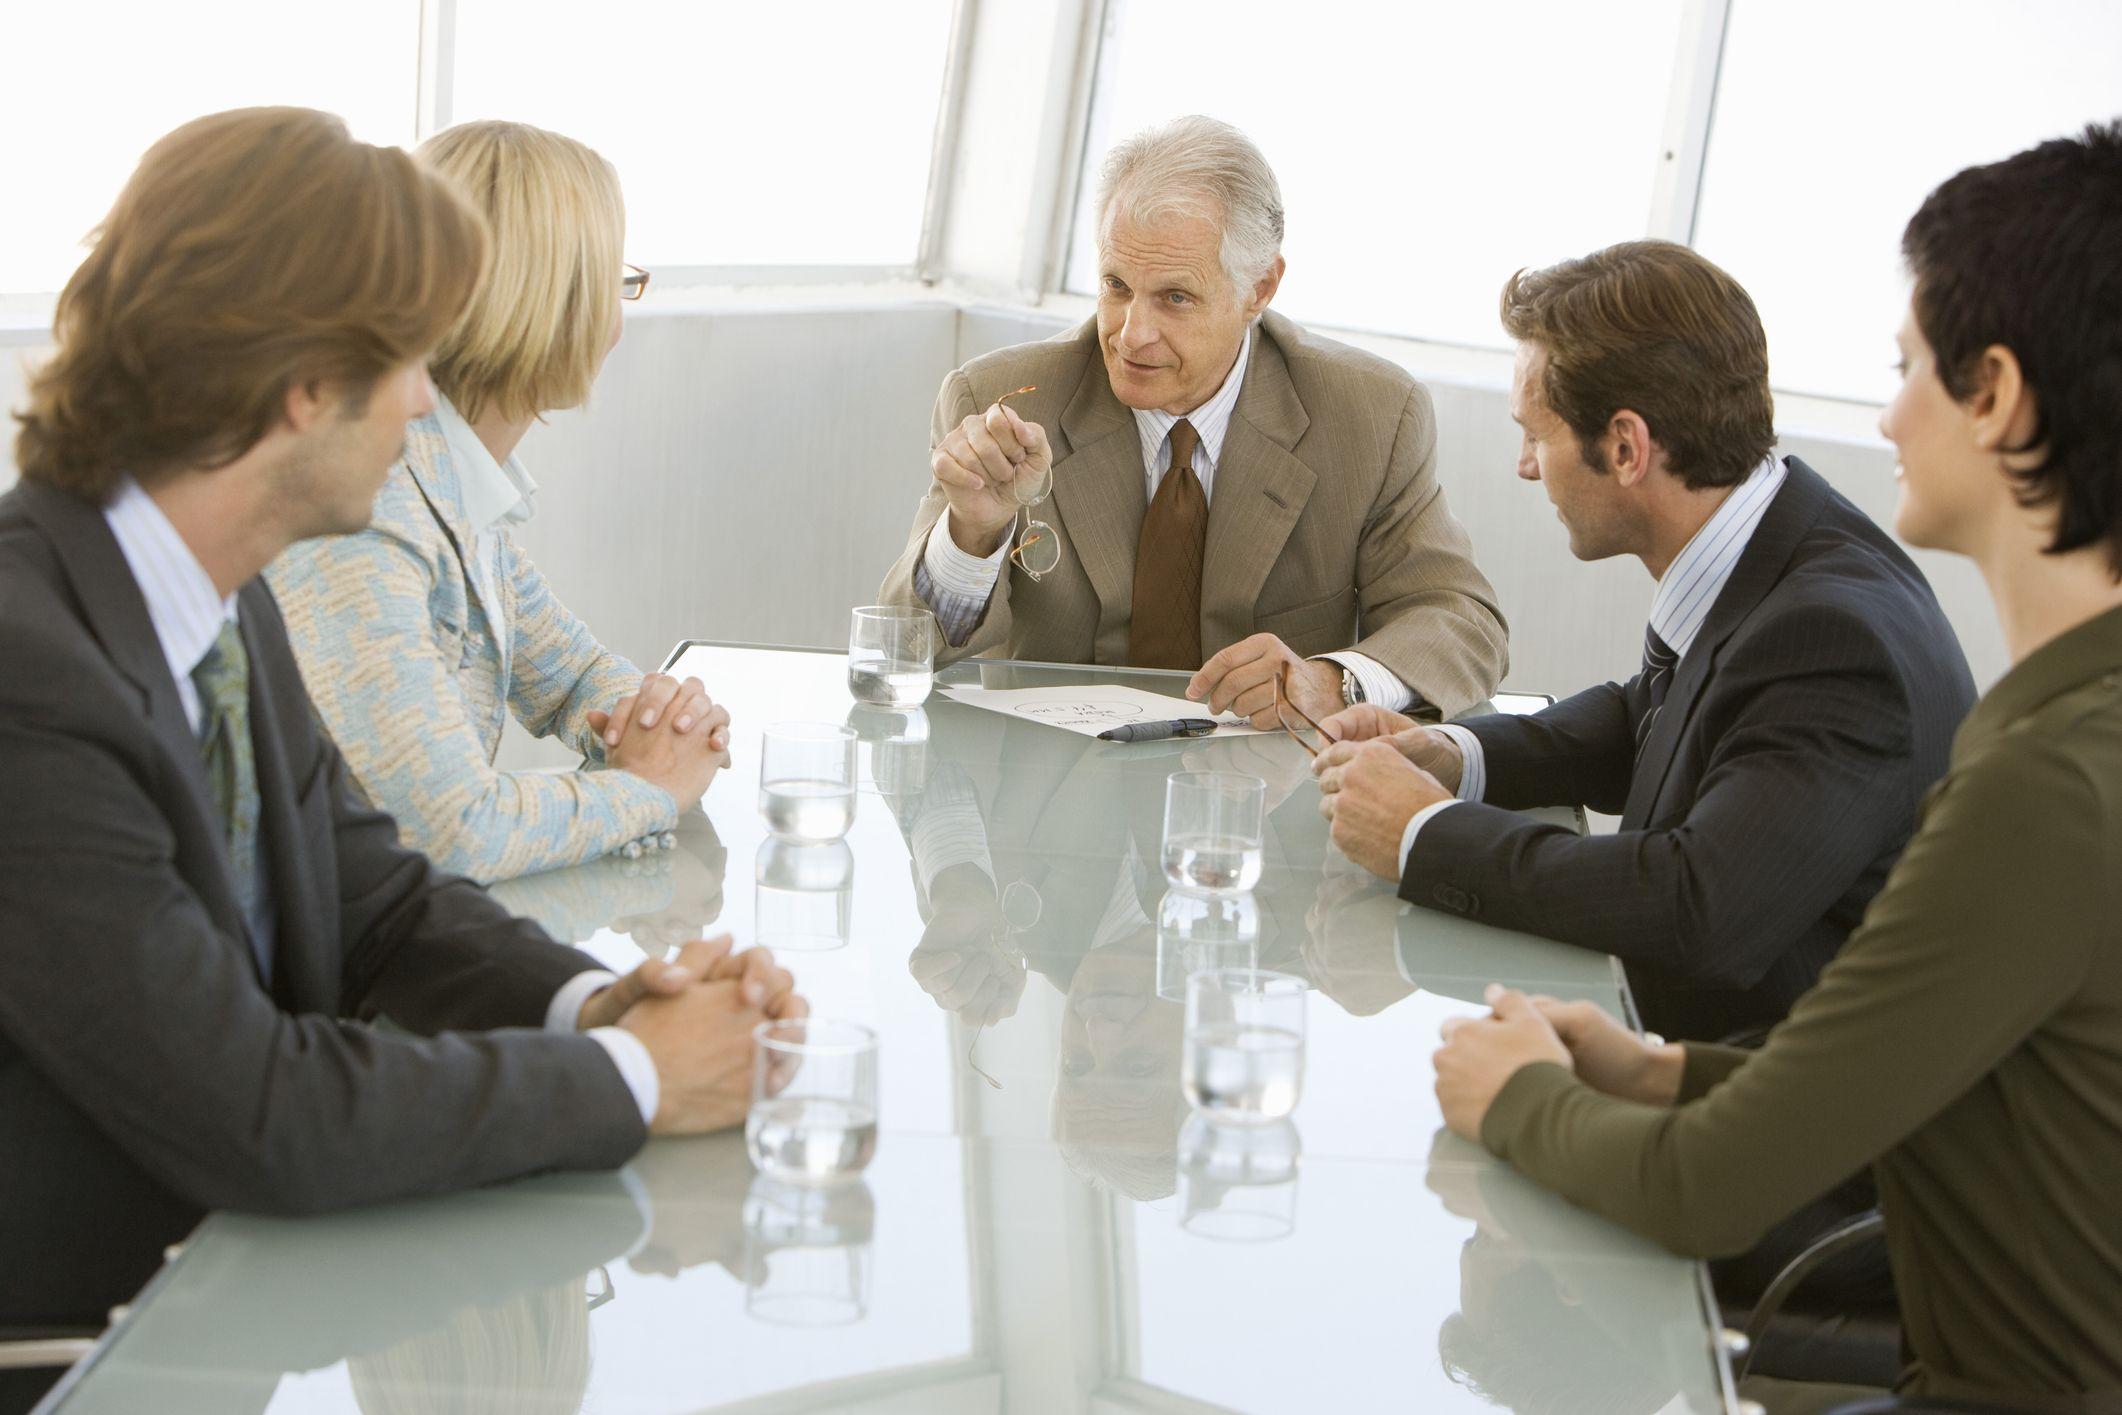 Podatkowa grupa kapitałowa – nowe limity i zmienione zasady rozliczeń w 2018 r.